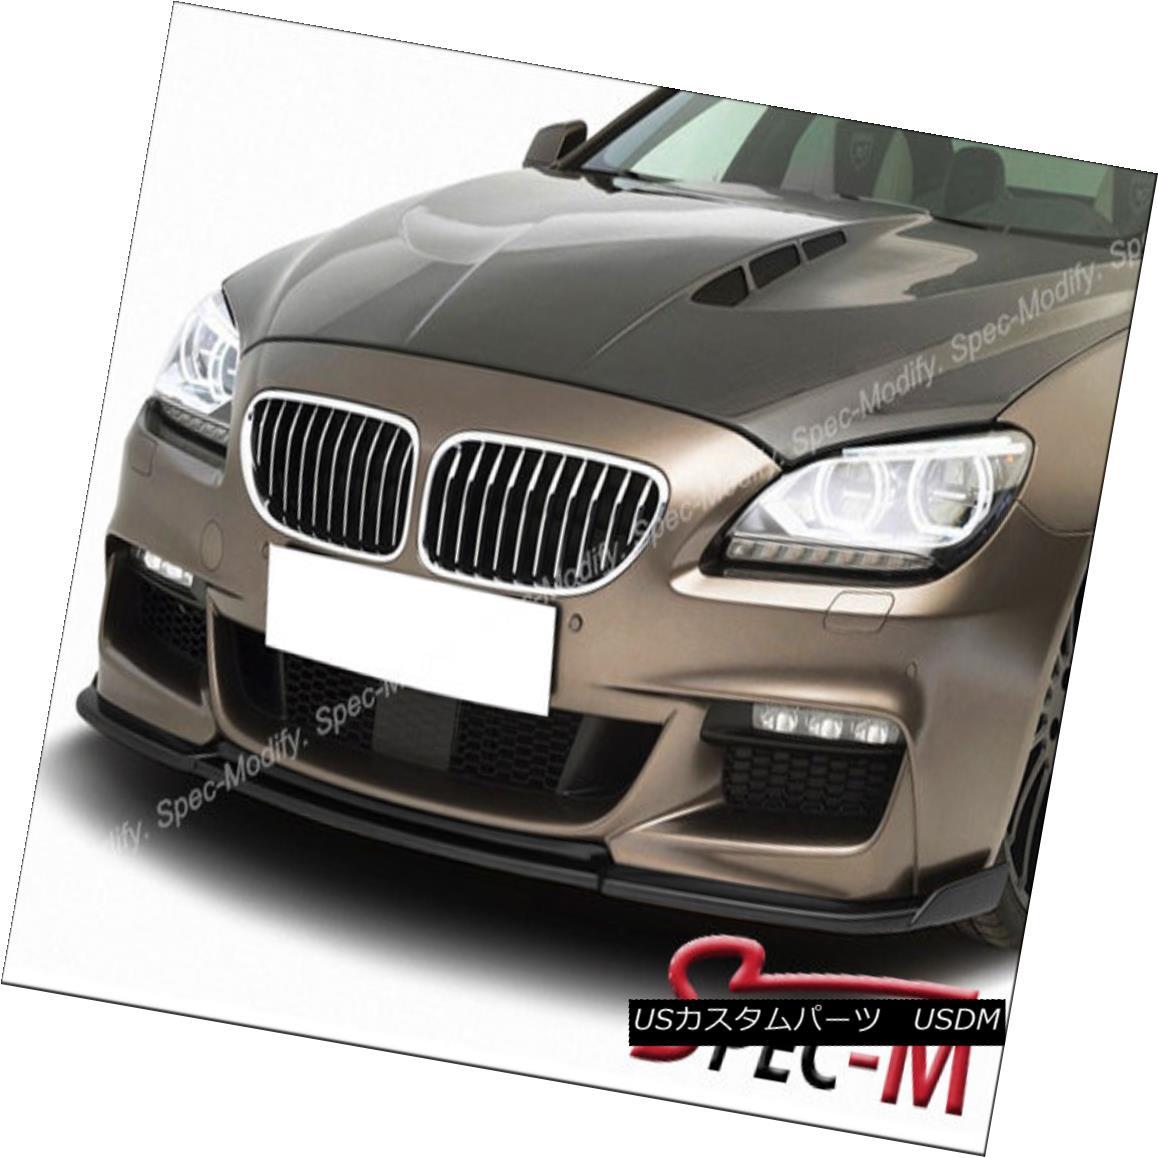 高速配送 エアロパーツ HM Style Bumper Carbon Fiber F12 Front Bumper Lip HM For BMW F06 F12 F13 M Sports Bumper Only HMスタイルカーボンファイバーフロントバンパーリップfor BMW F06 F12 F13 Mスポーツバンパーのみ, ガーデン太郎:37eb3e1c --- kalpanafoundation.in